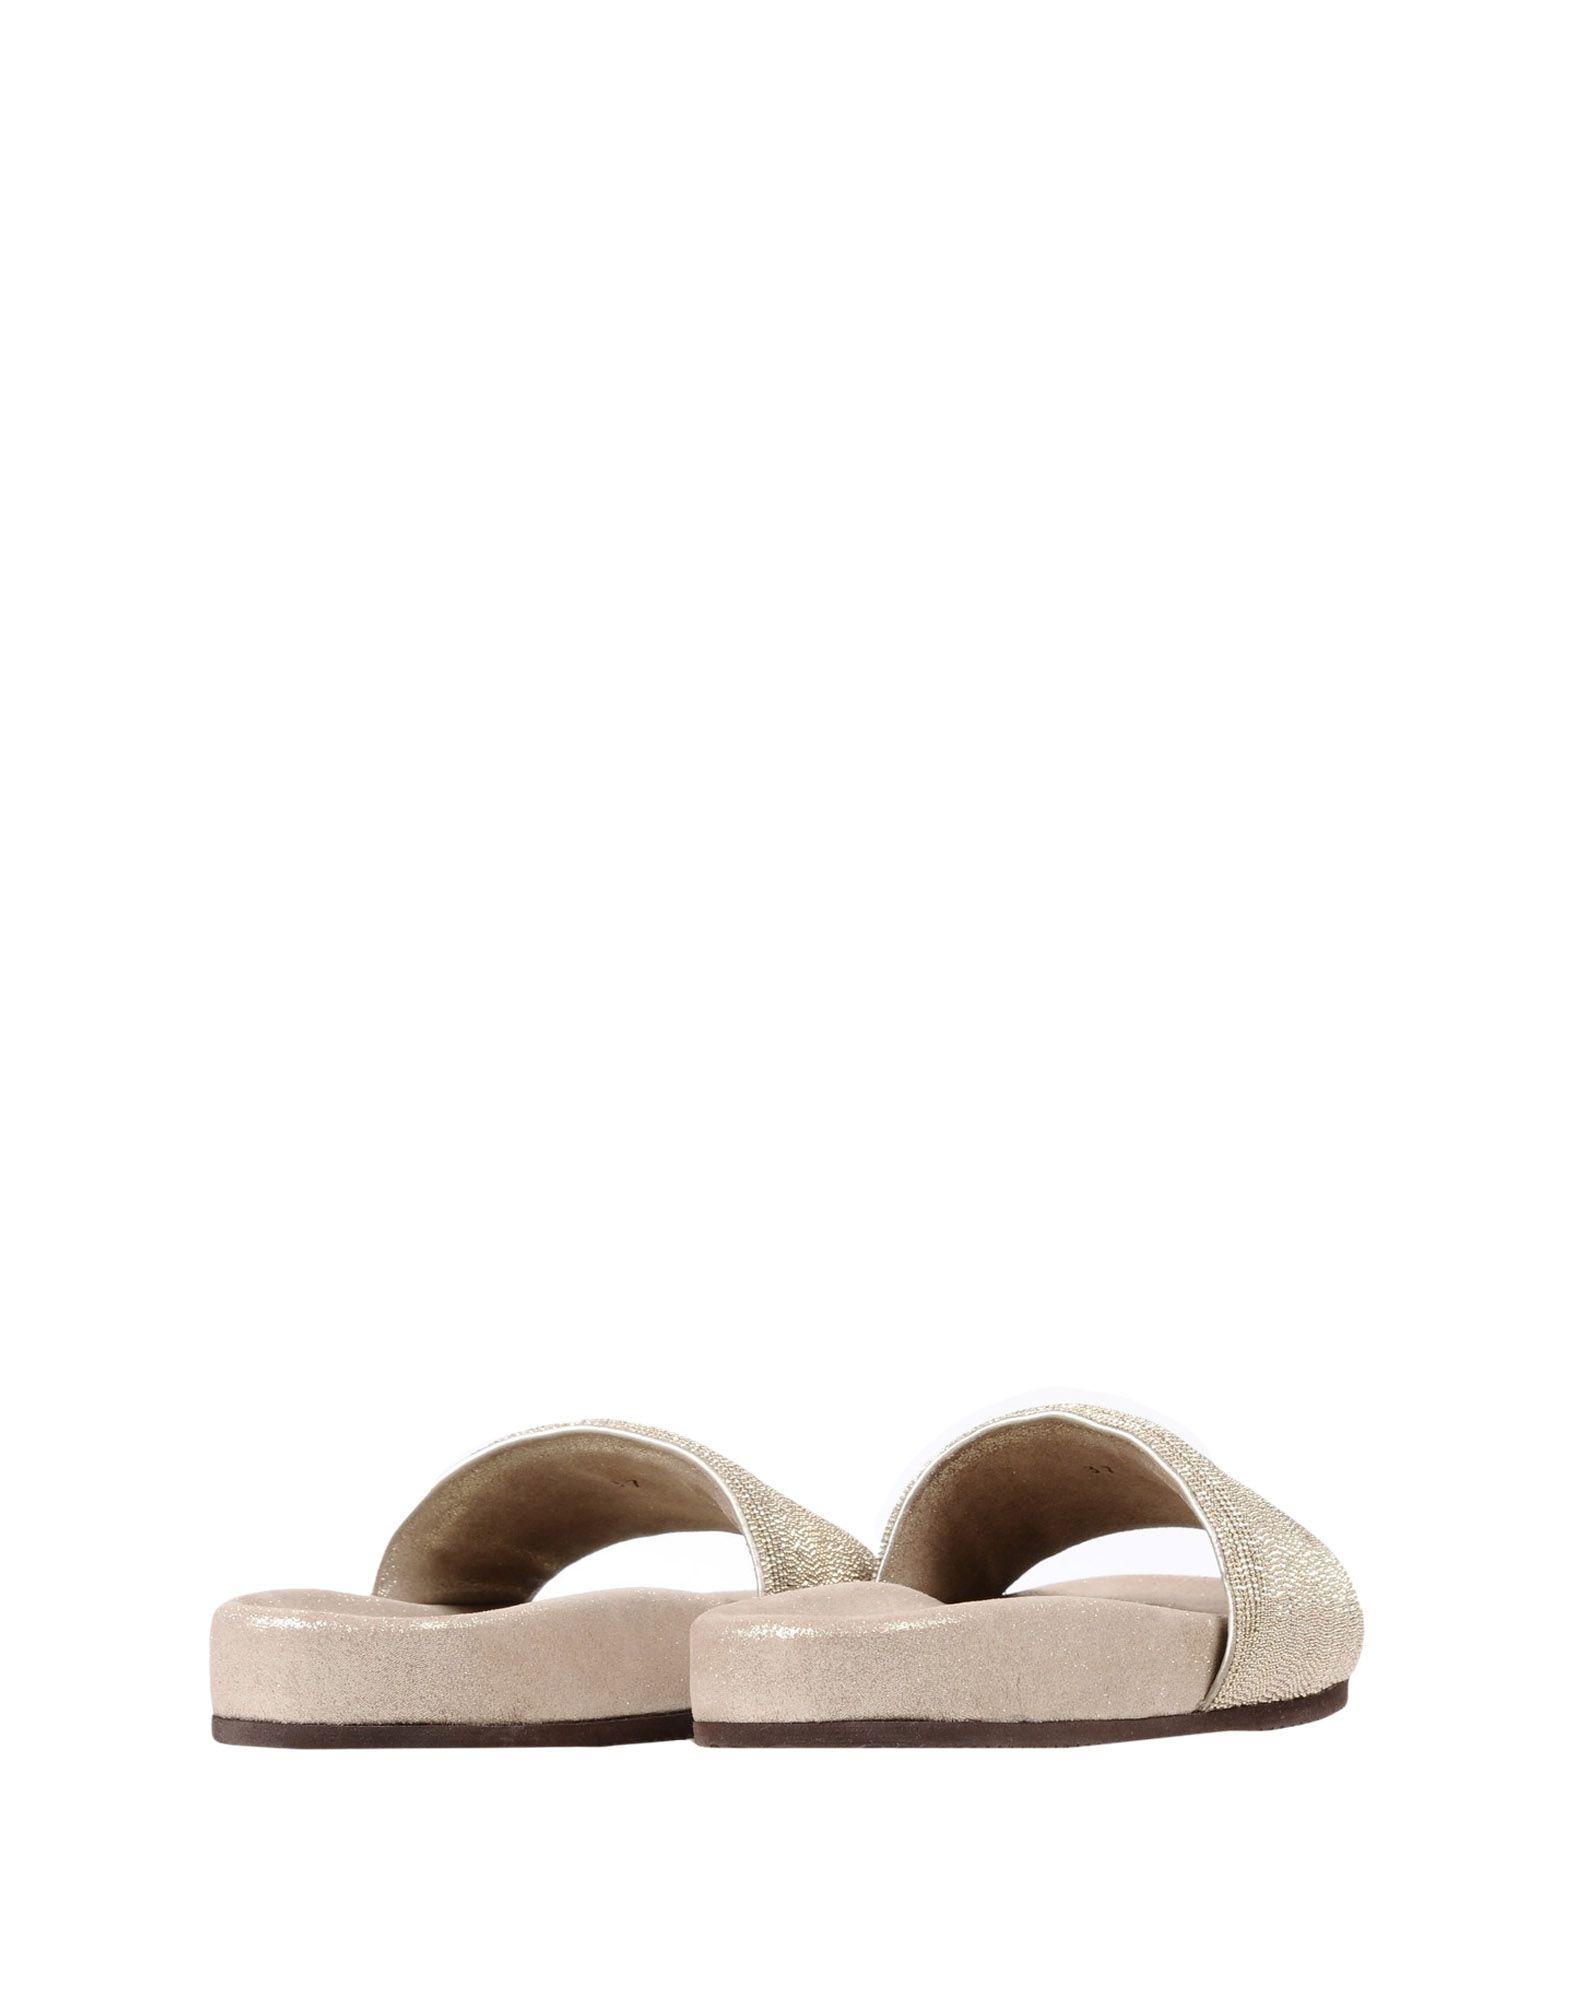 brunello brunello brunello cucinelli sandales - femmes brunello cucinelli 11397167uj sandales en ligne le royaume - uni - ecfb24